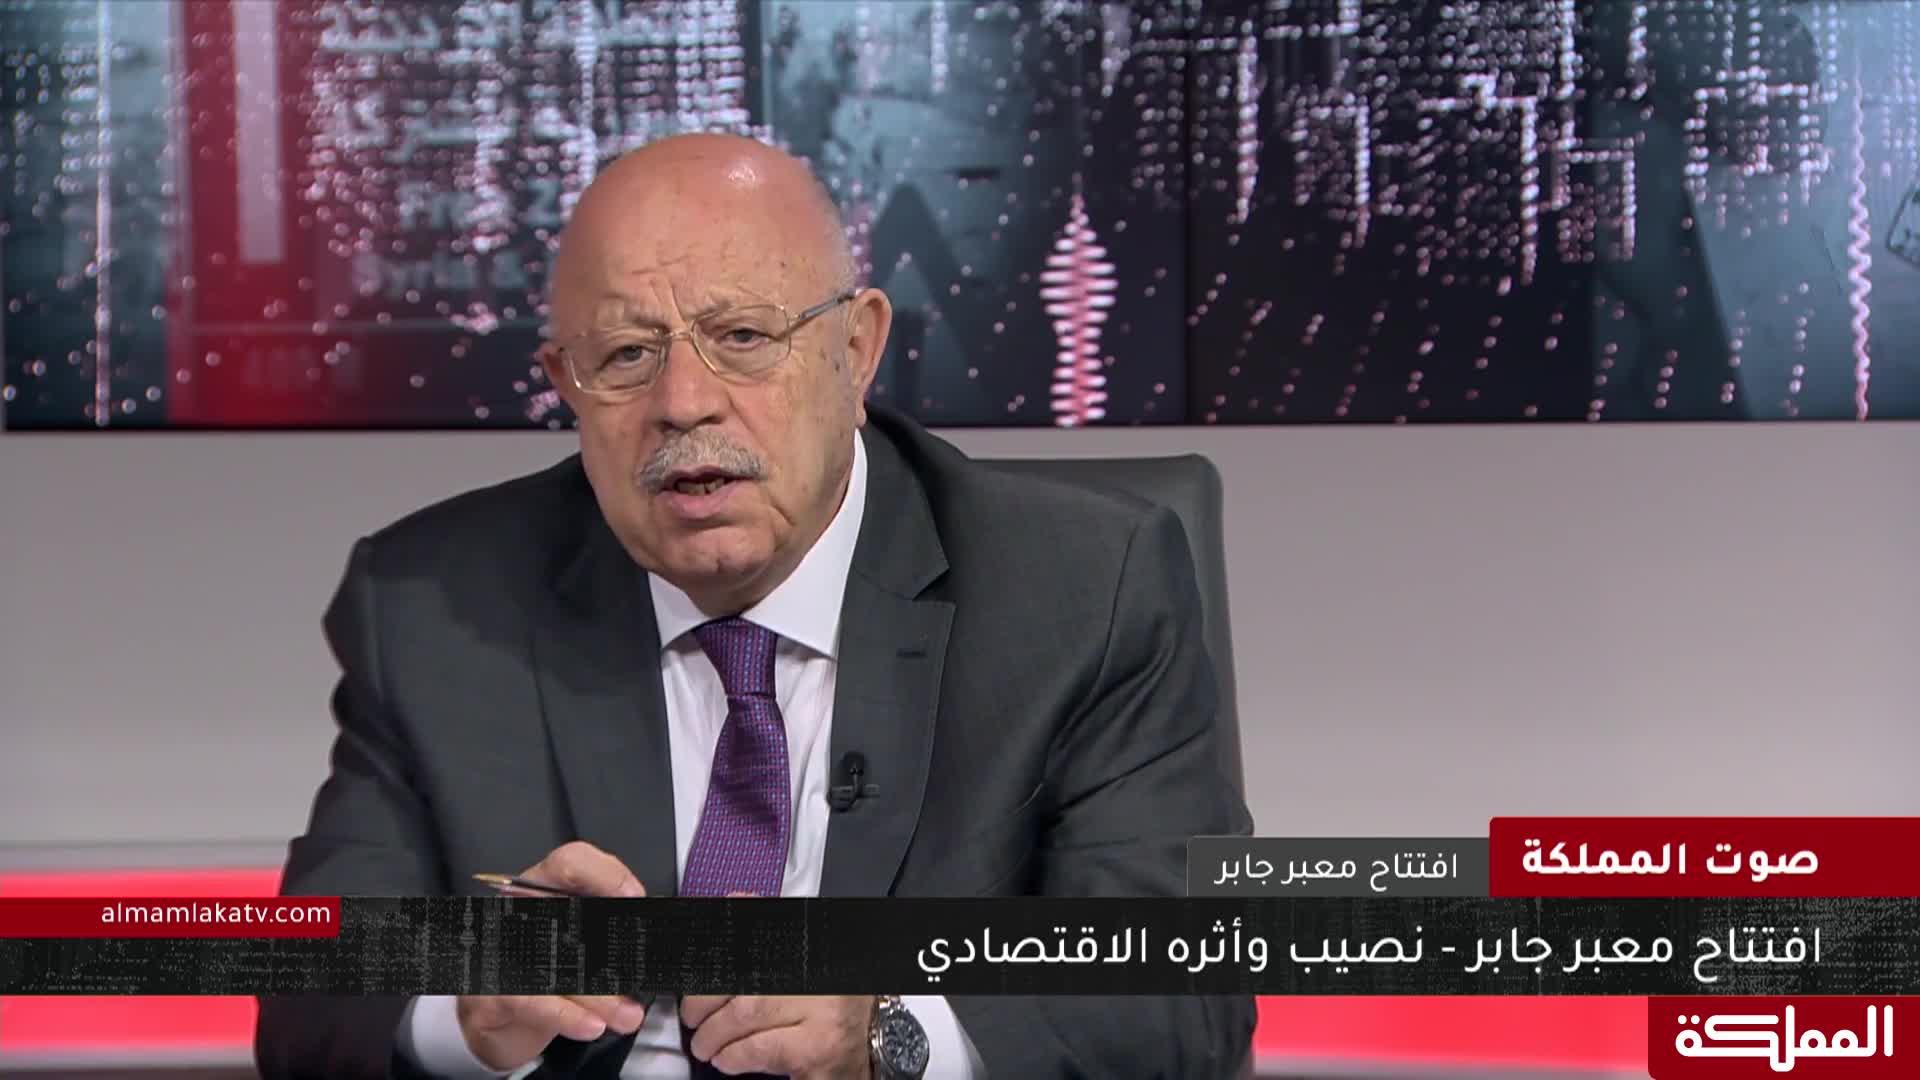 صوت المملكة   افتتاح معبر جابر نصيب وأثره الاقتصادي